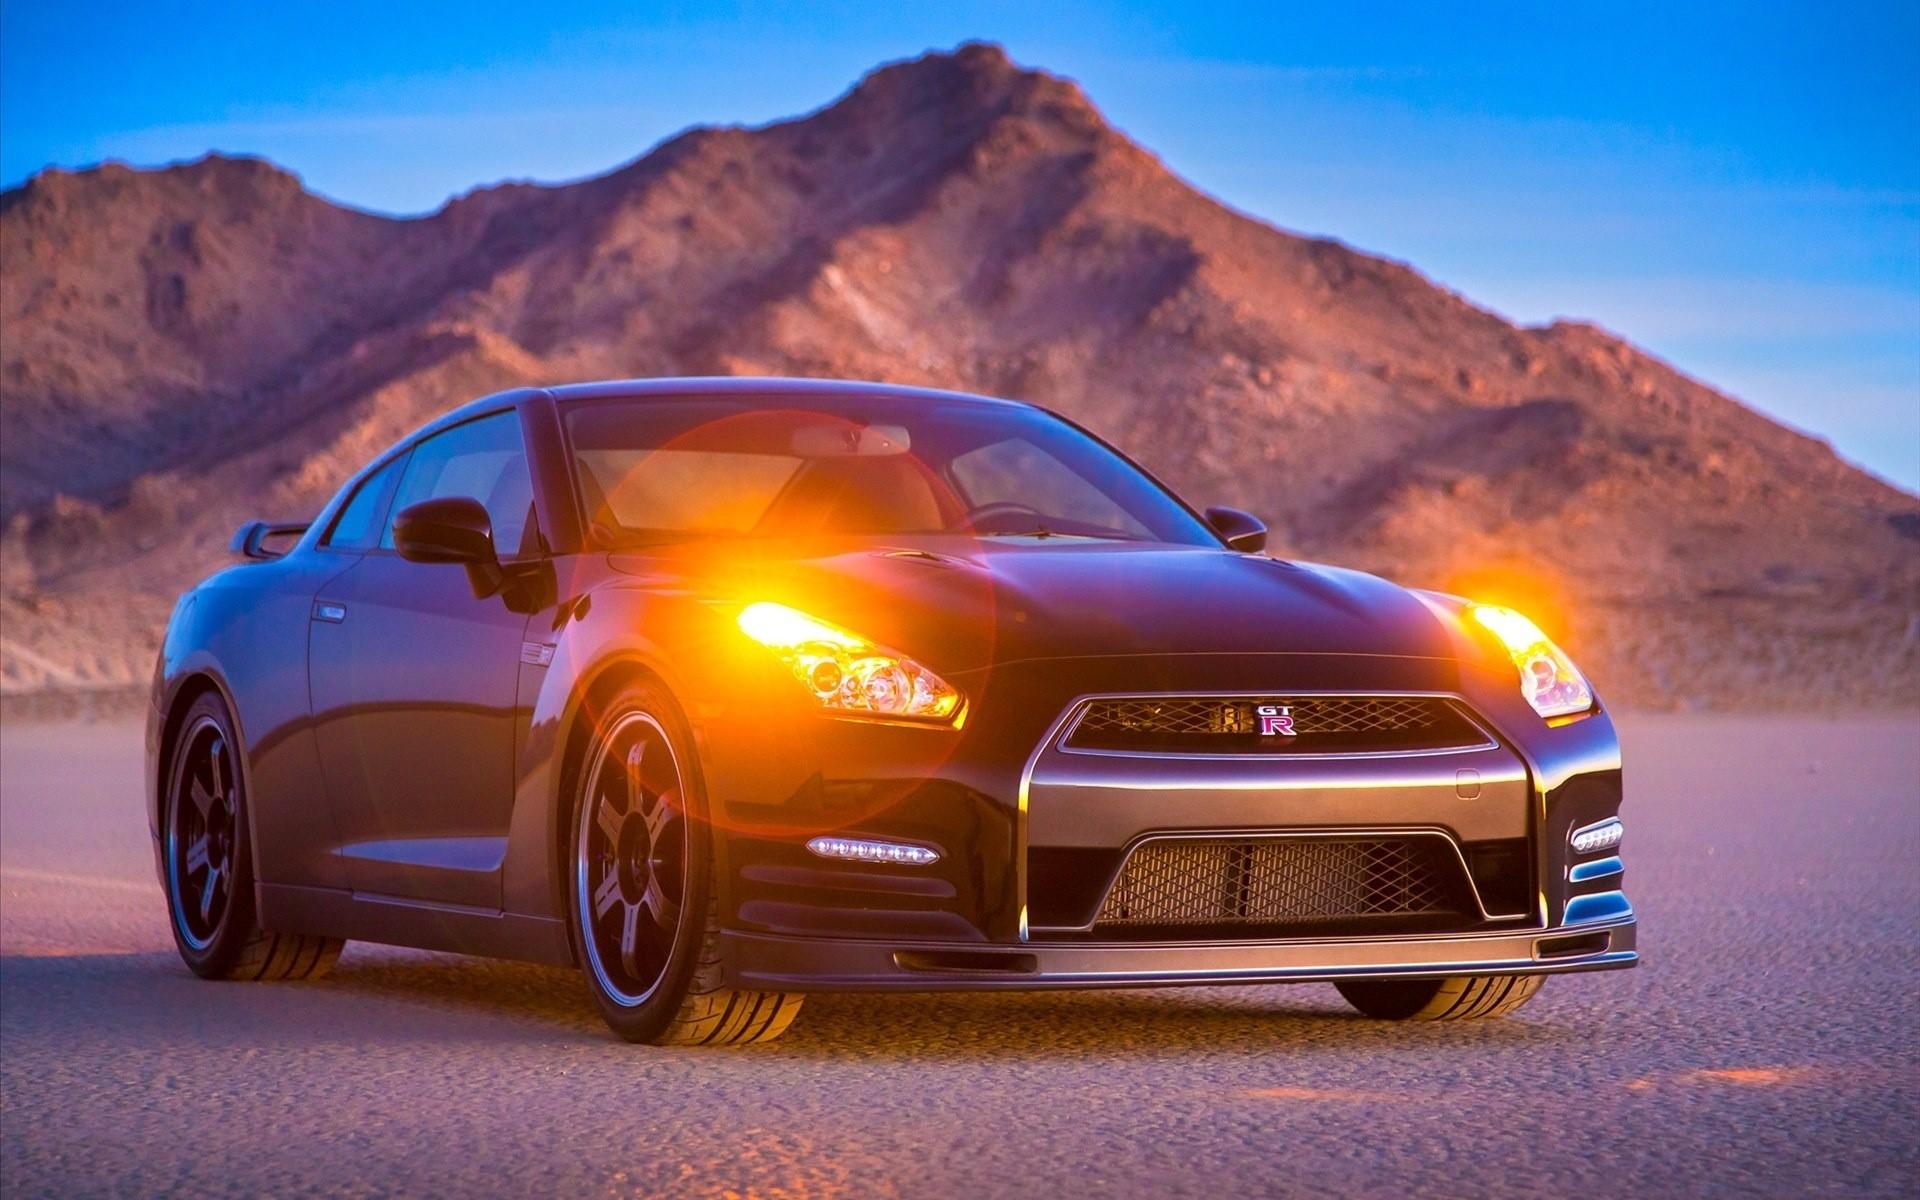 Fondos De Pantalla Montañas Vehículo Desierto Nissan